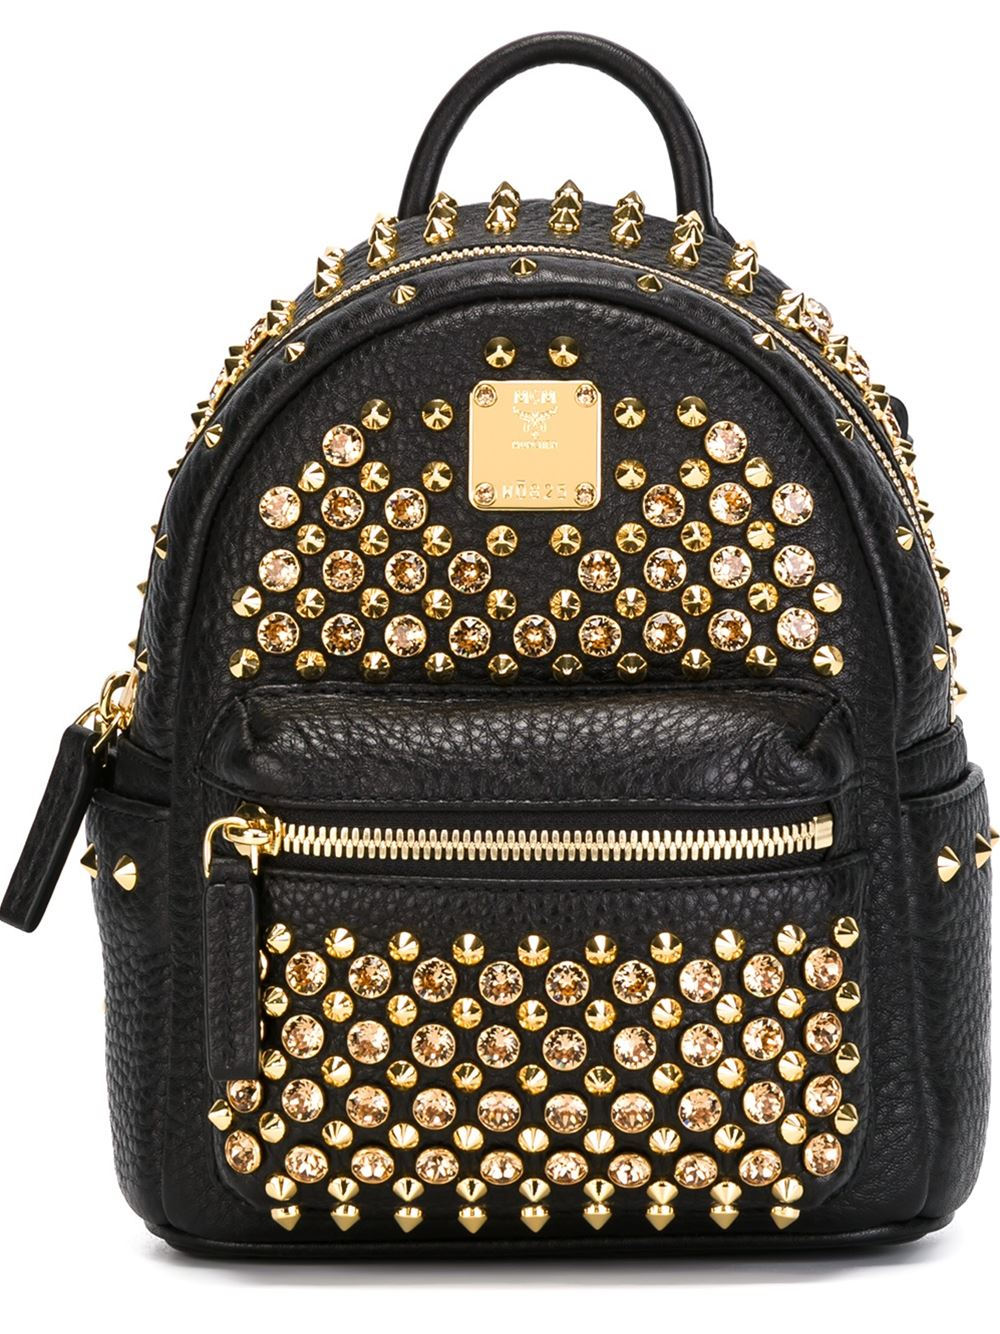 mcm mini studded backpack in black lyst. Black Bedroom Furniture Sets. Home Design Ideas